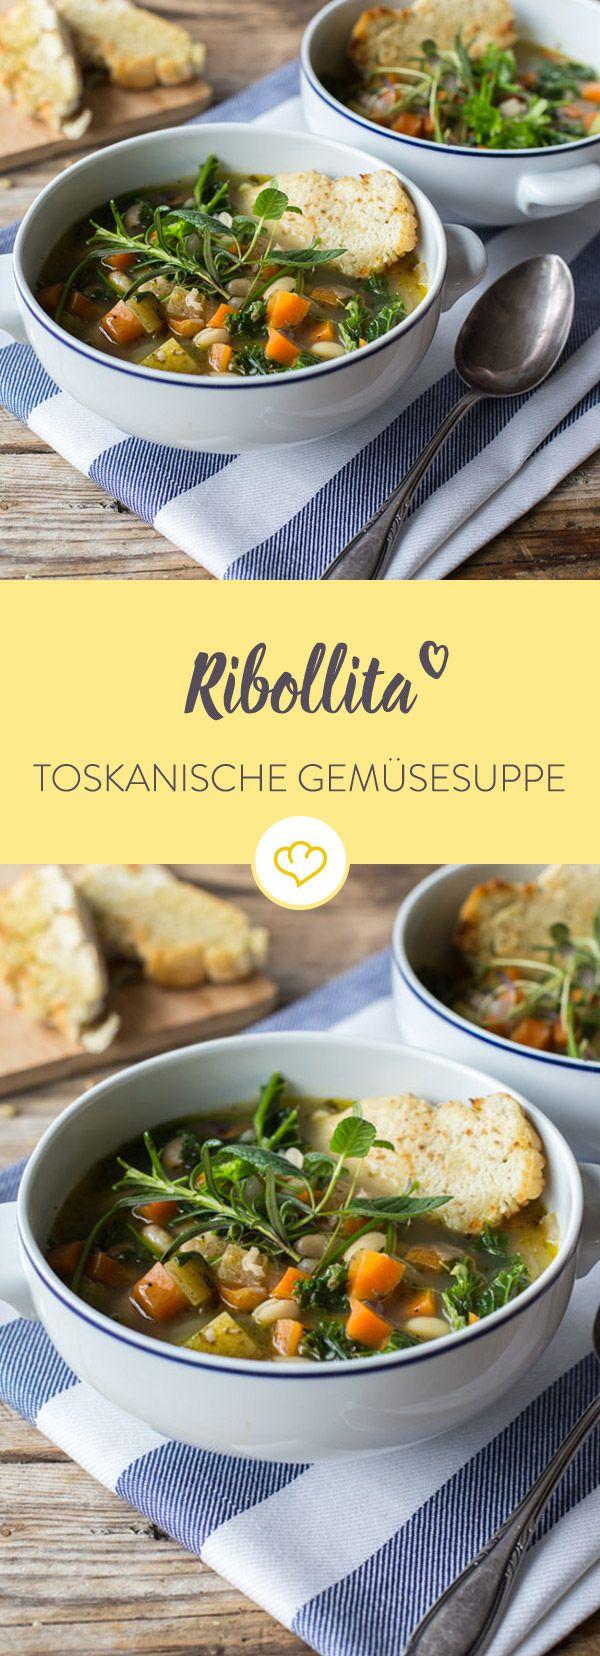 Ribollita U2013 Gemüsesuppe Auf Toskanisch